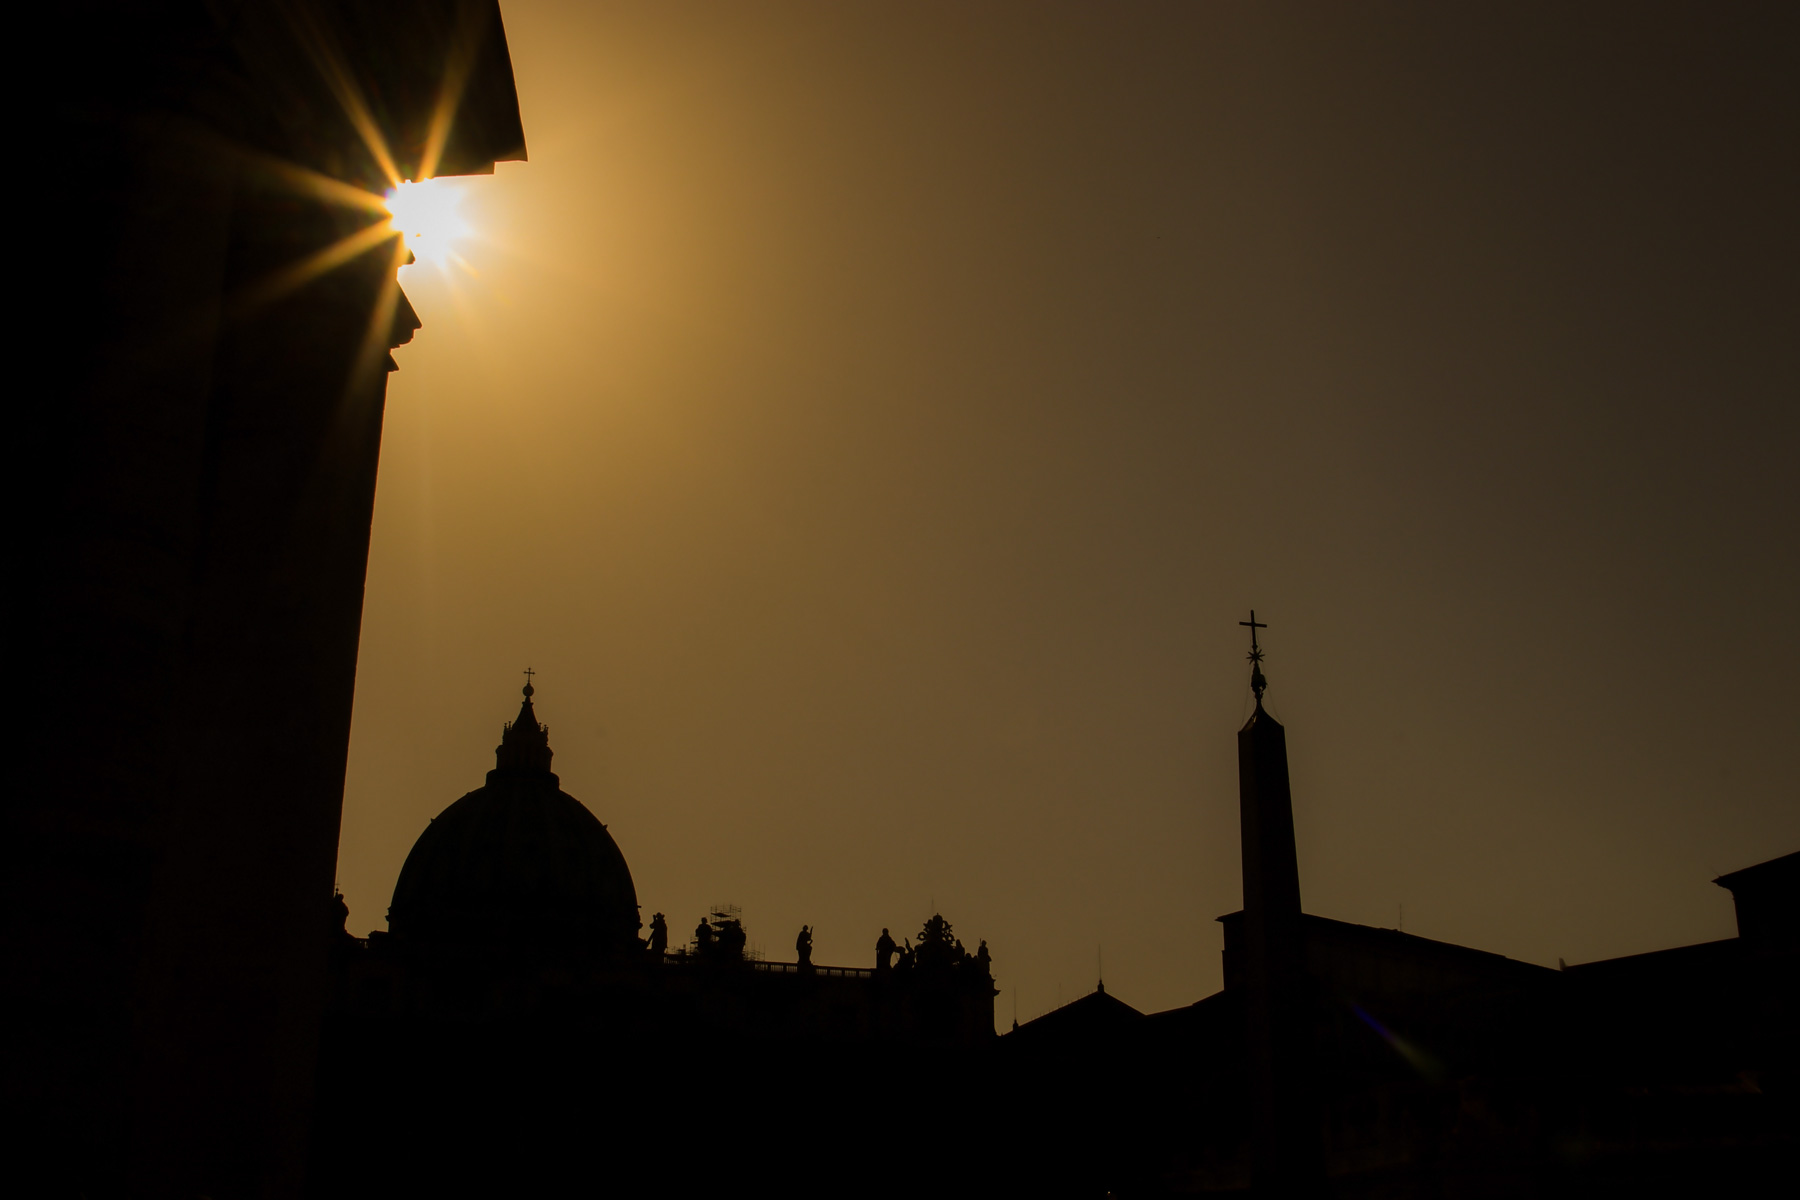 www.hakanaydın.com.tr ÇekerGezeR Hakan Aydın Mega İtalya Roma Vatikan